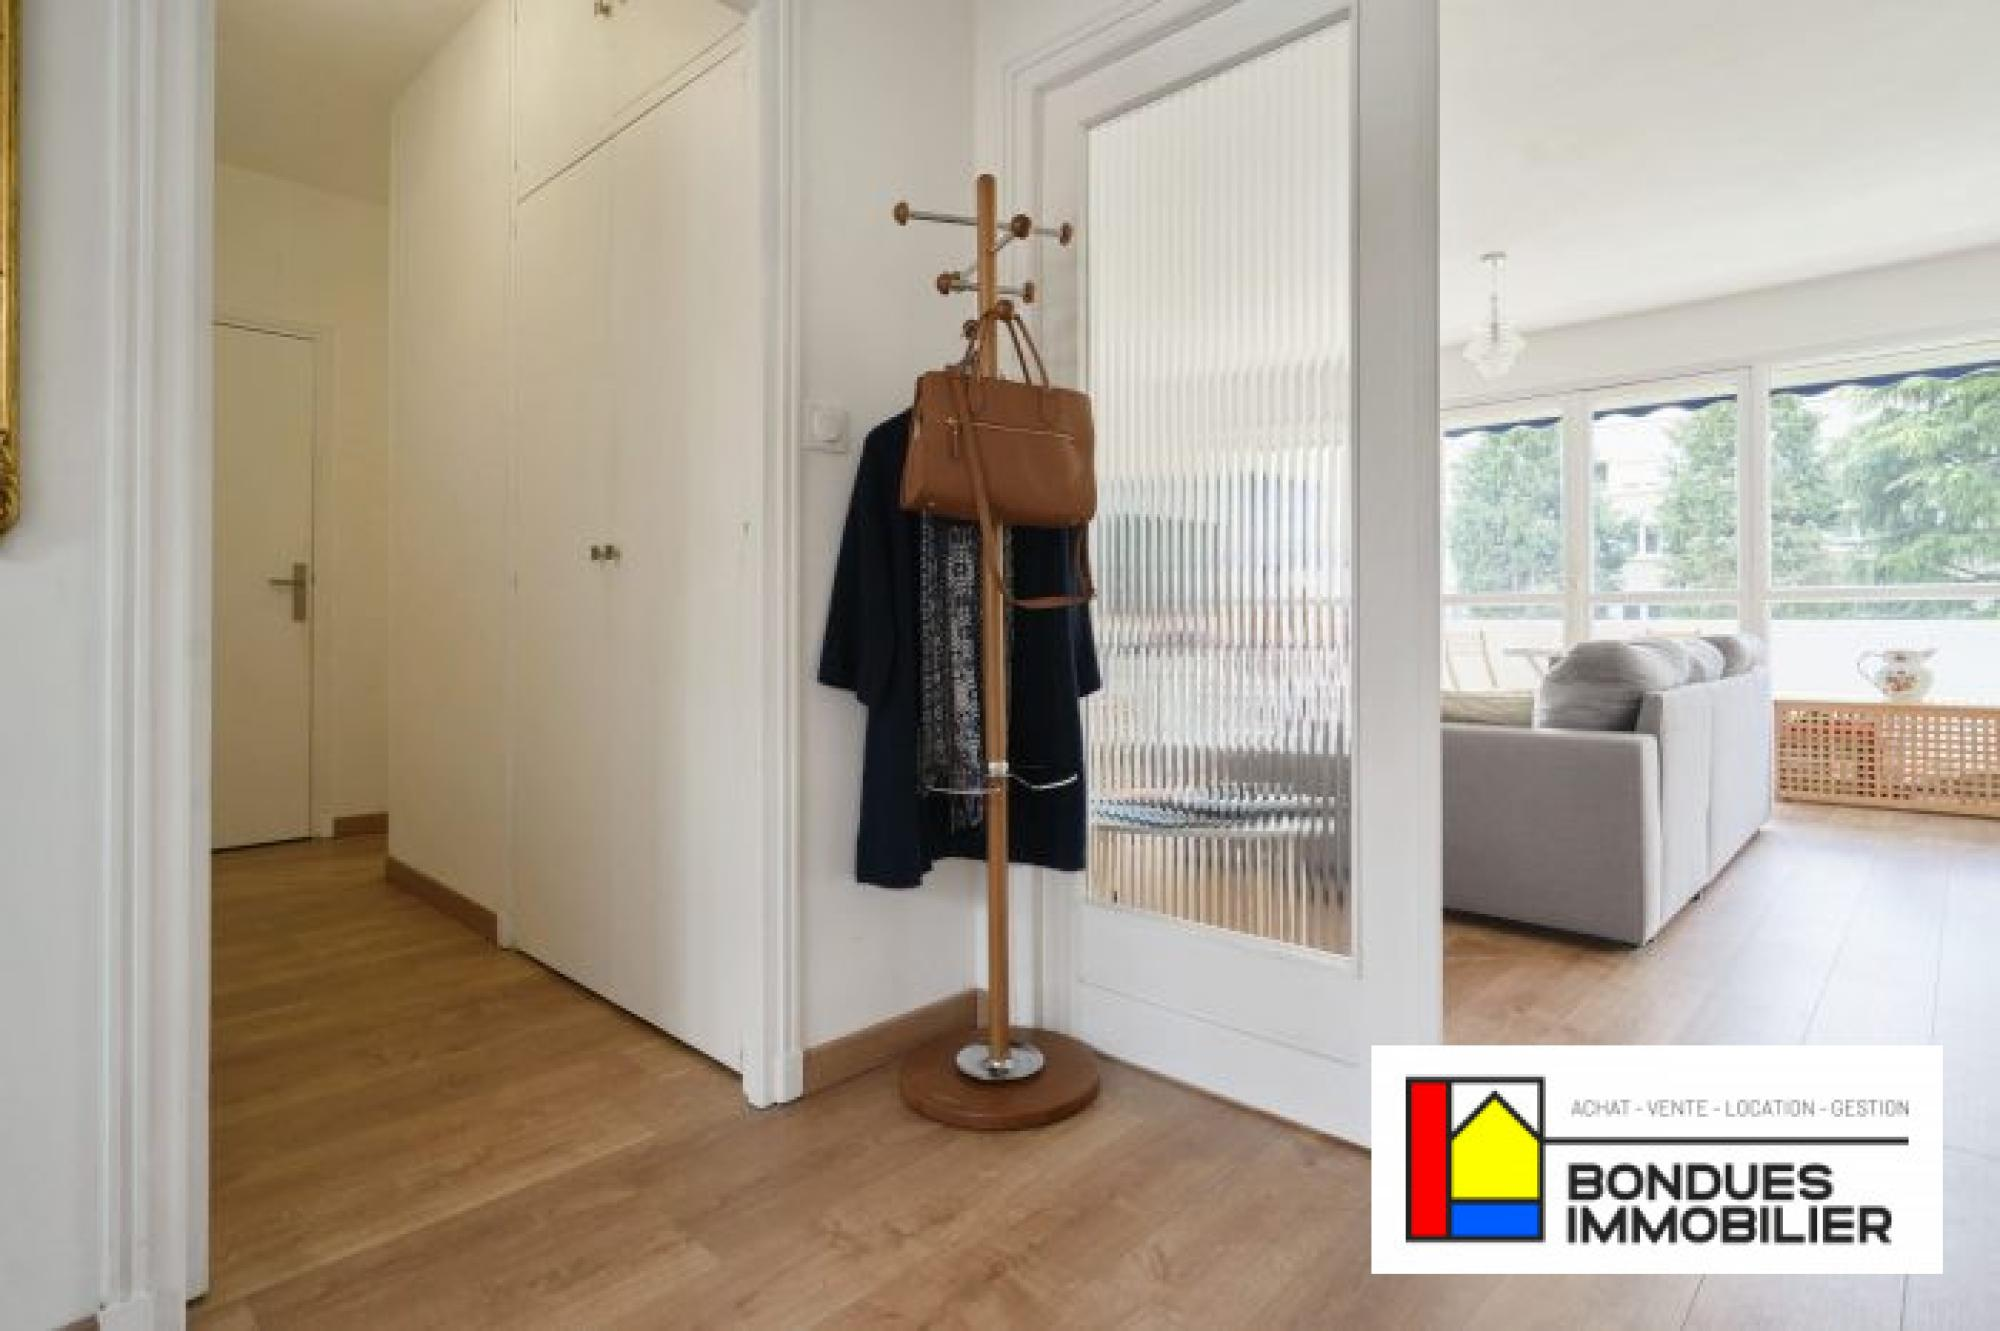 vente appartement marcq en barœul refVA2138 (13)